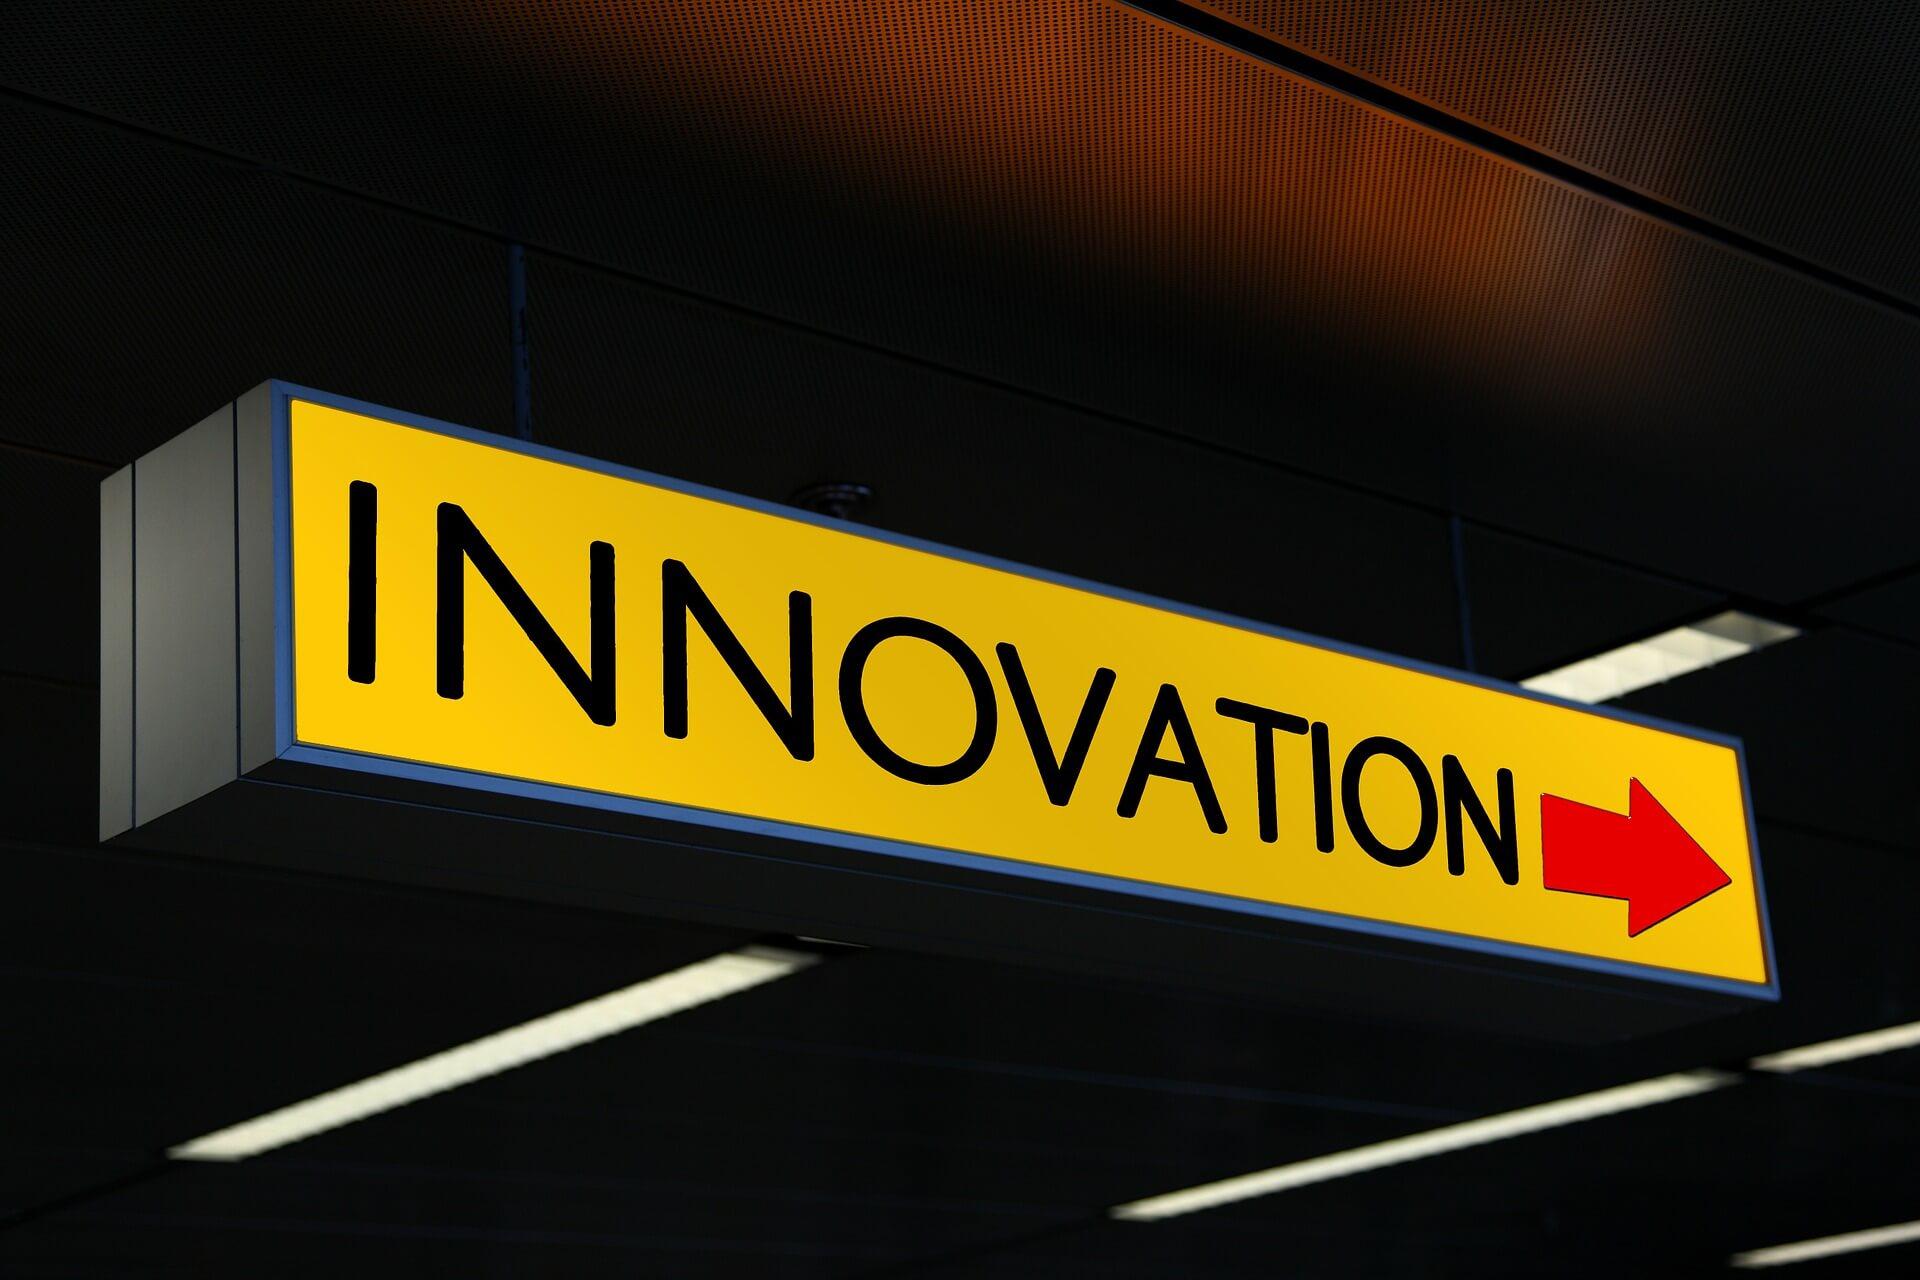 """Guia prático para quem quer inovar e não sabe como começar - Placa escrito """"Innovation"""""""